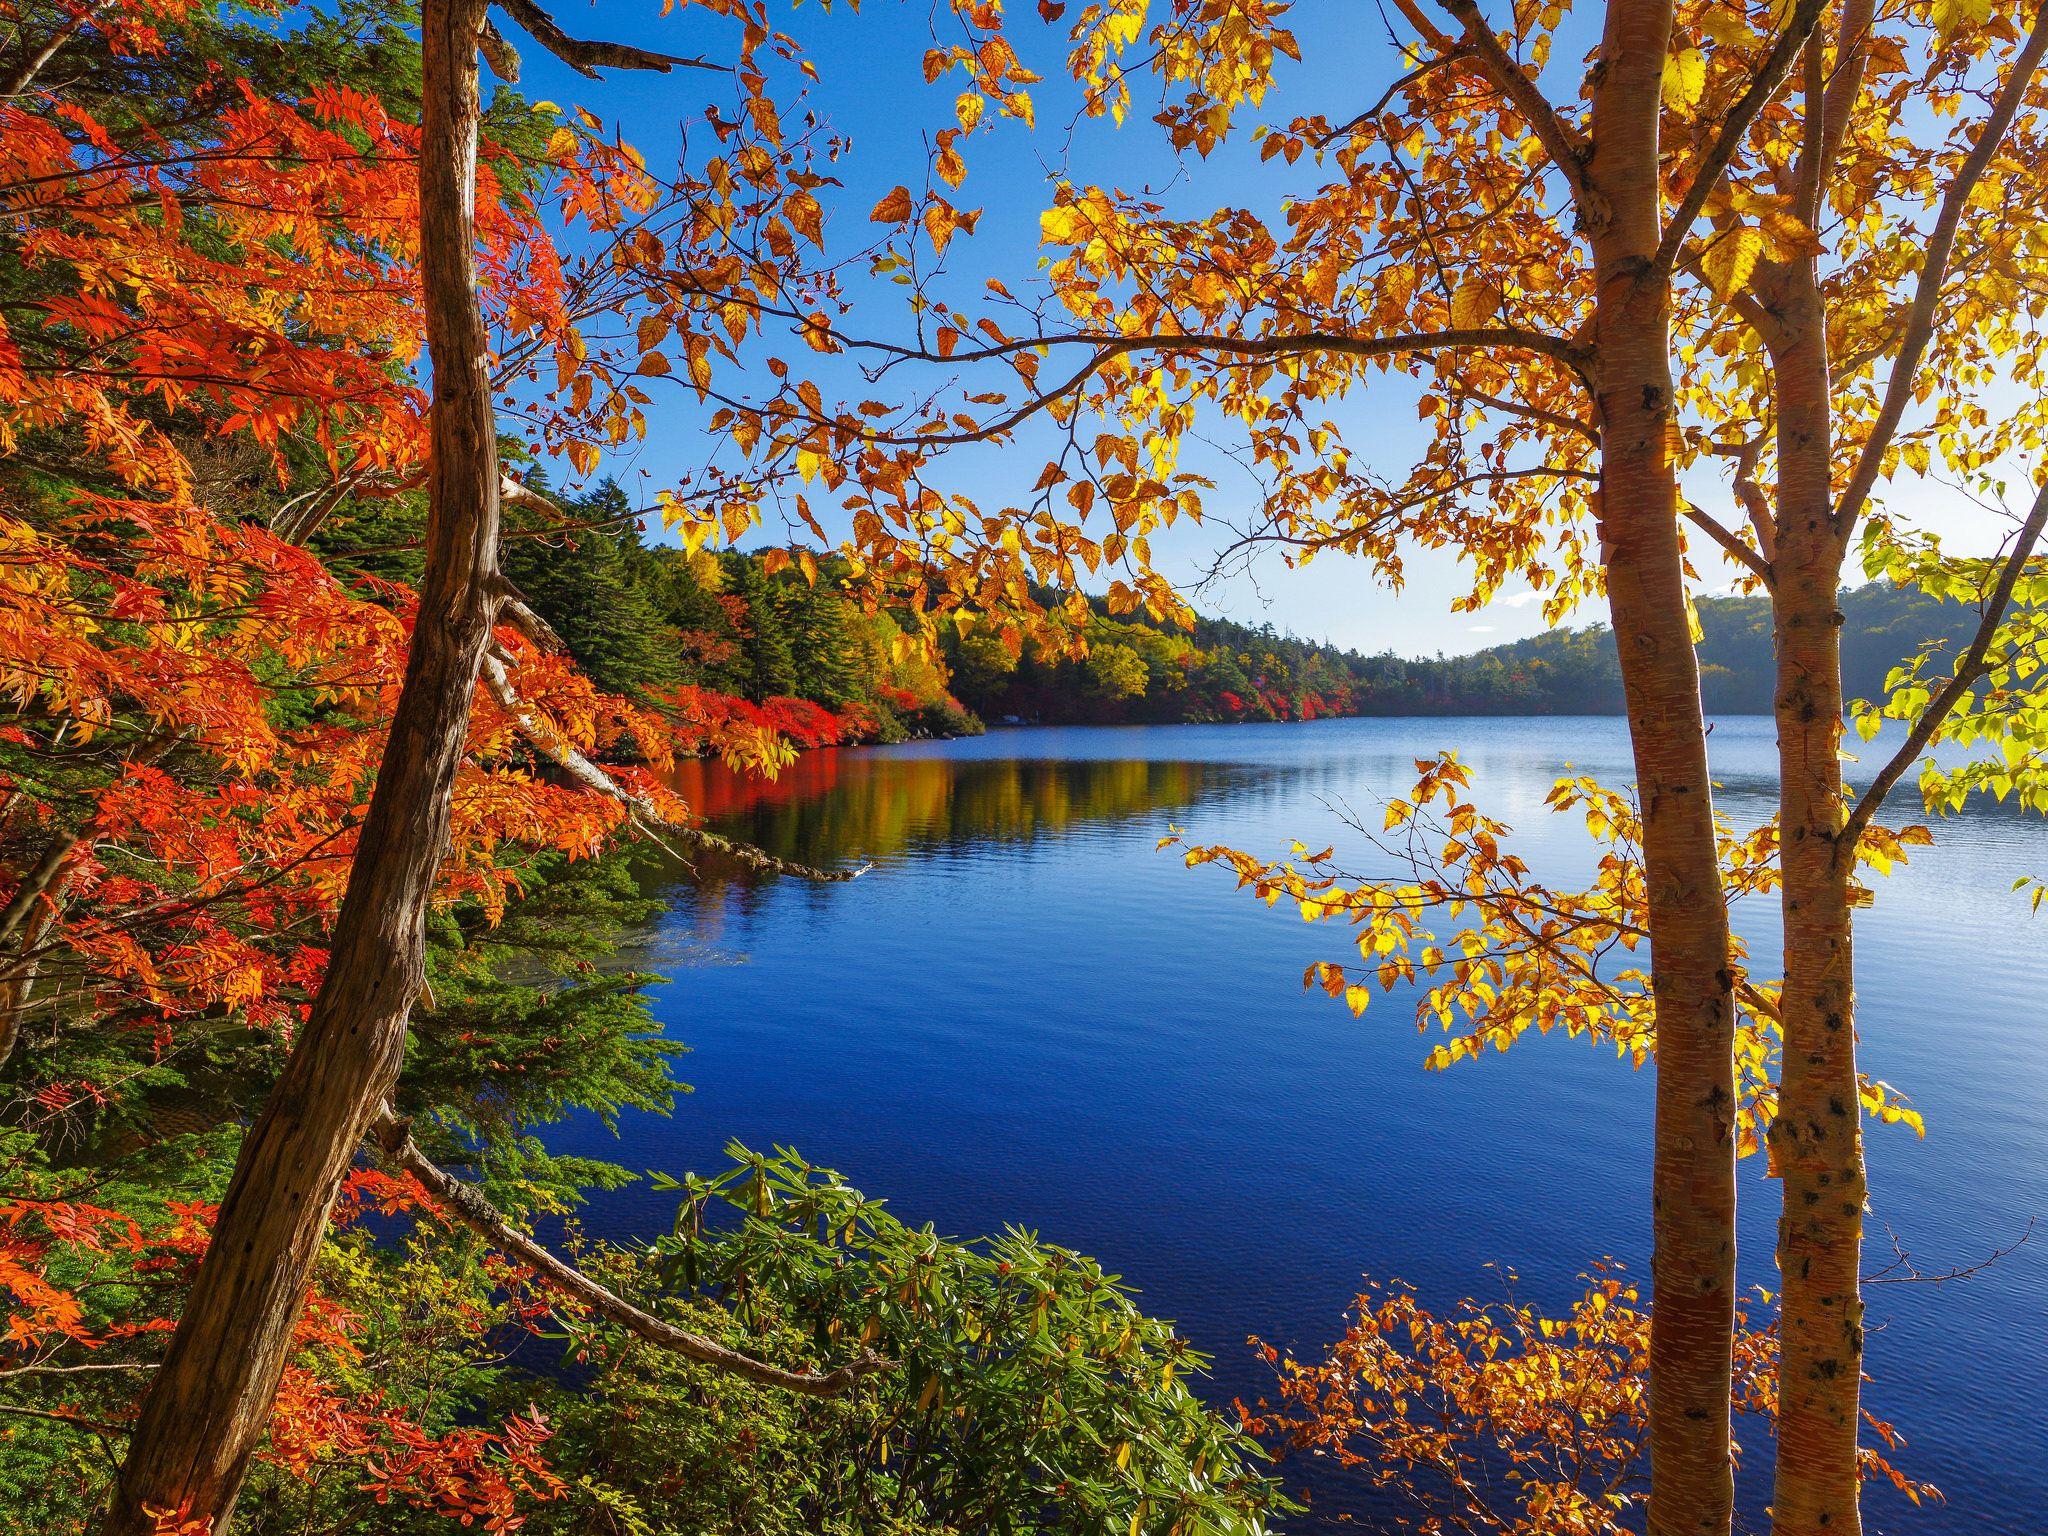 Epingle Par Line Targe Sur Nature Paysage Automne Paysage Lac Images Paysages